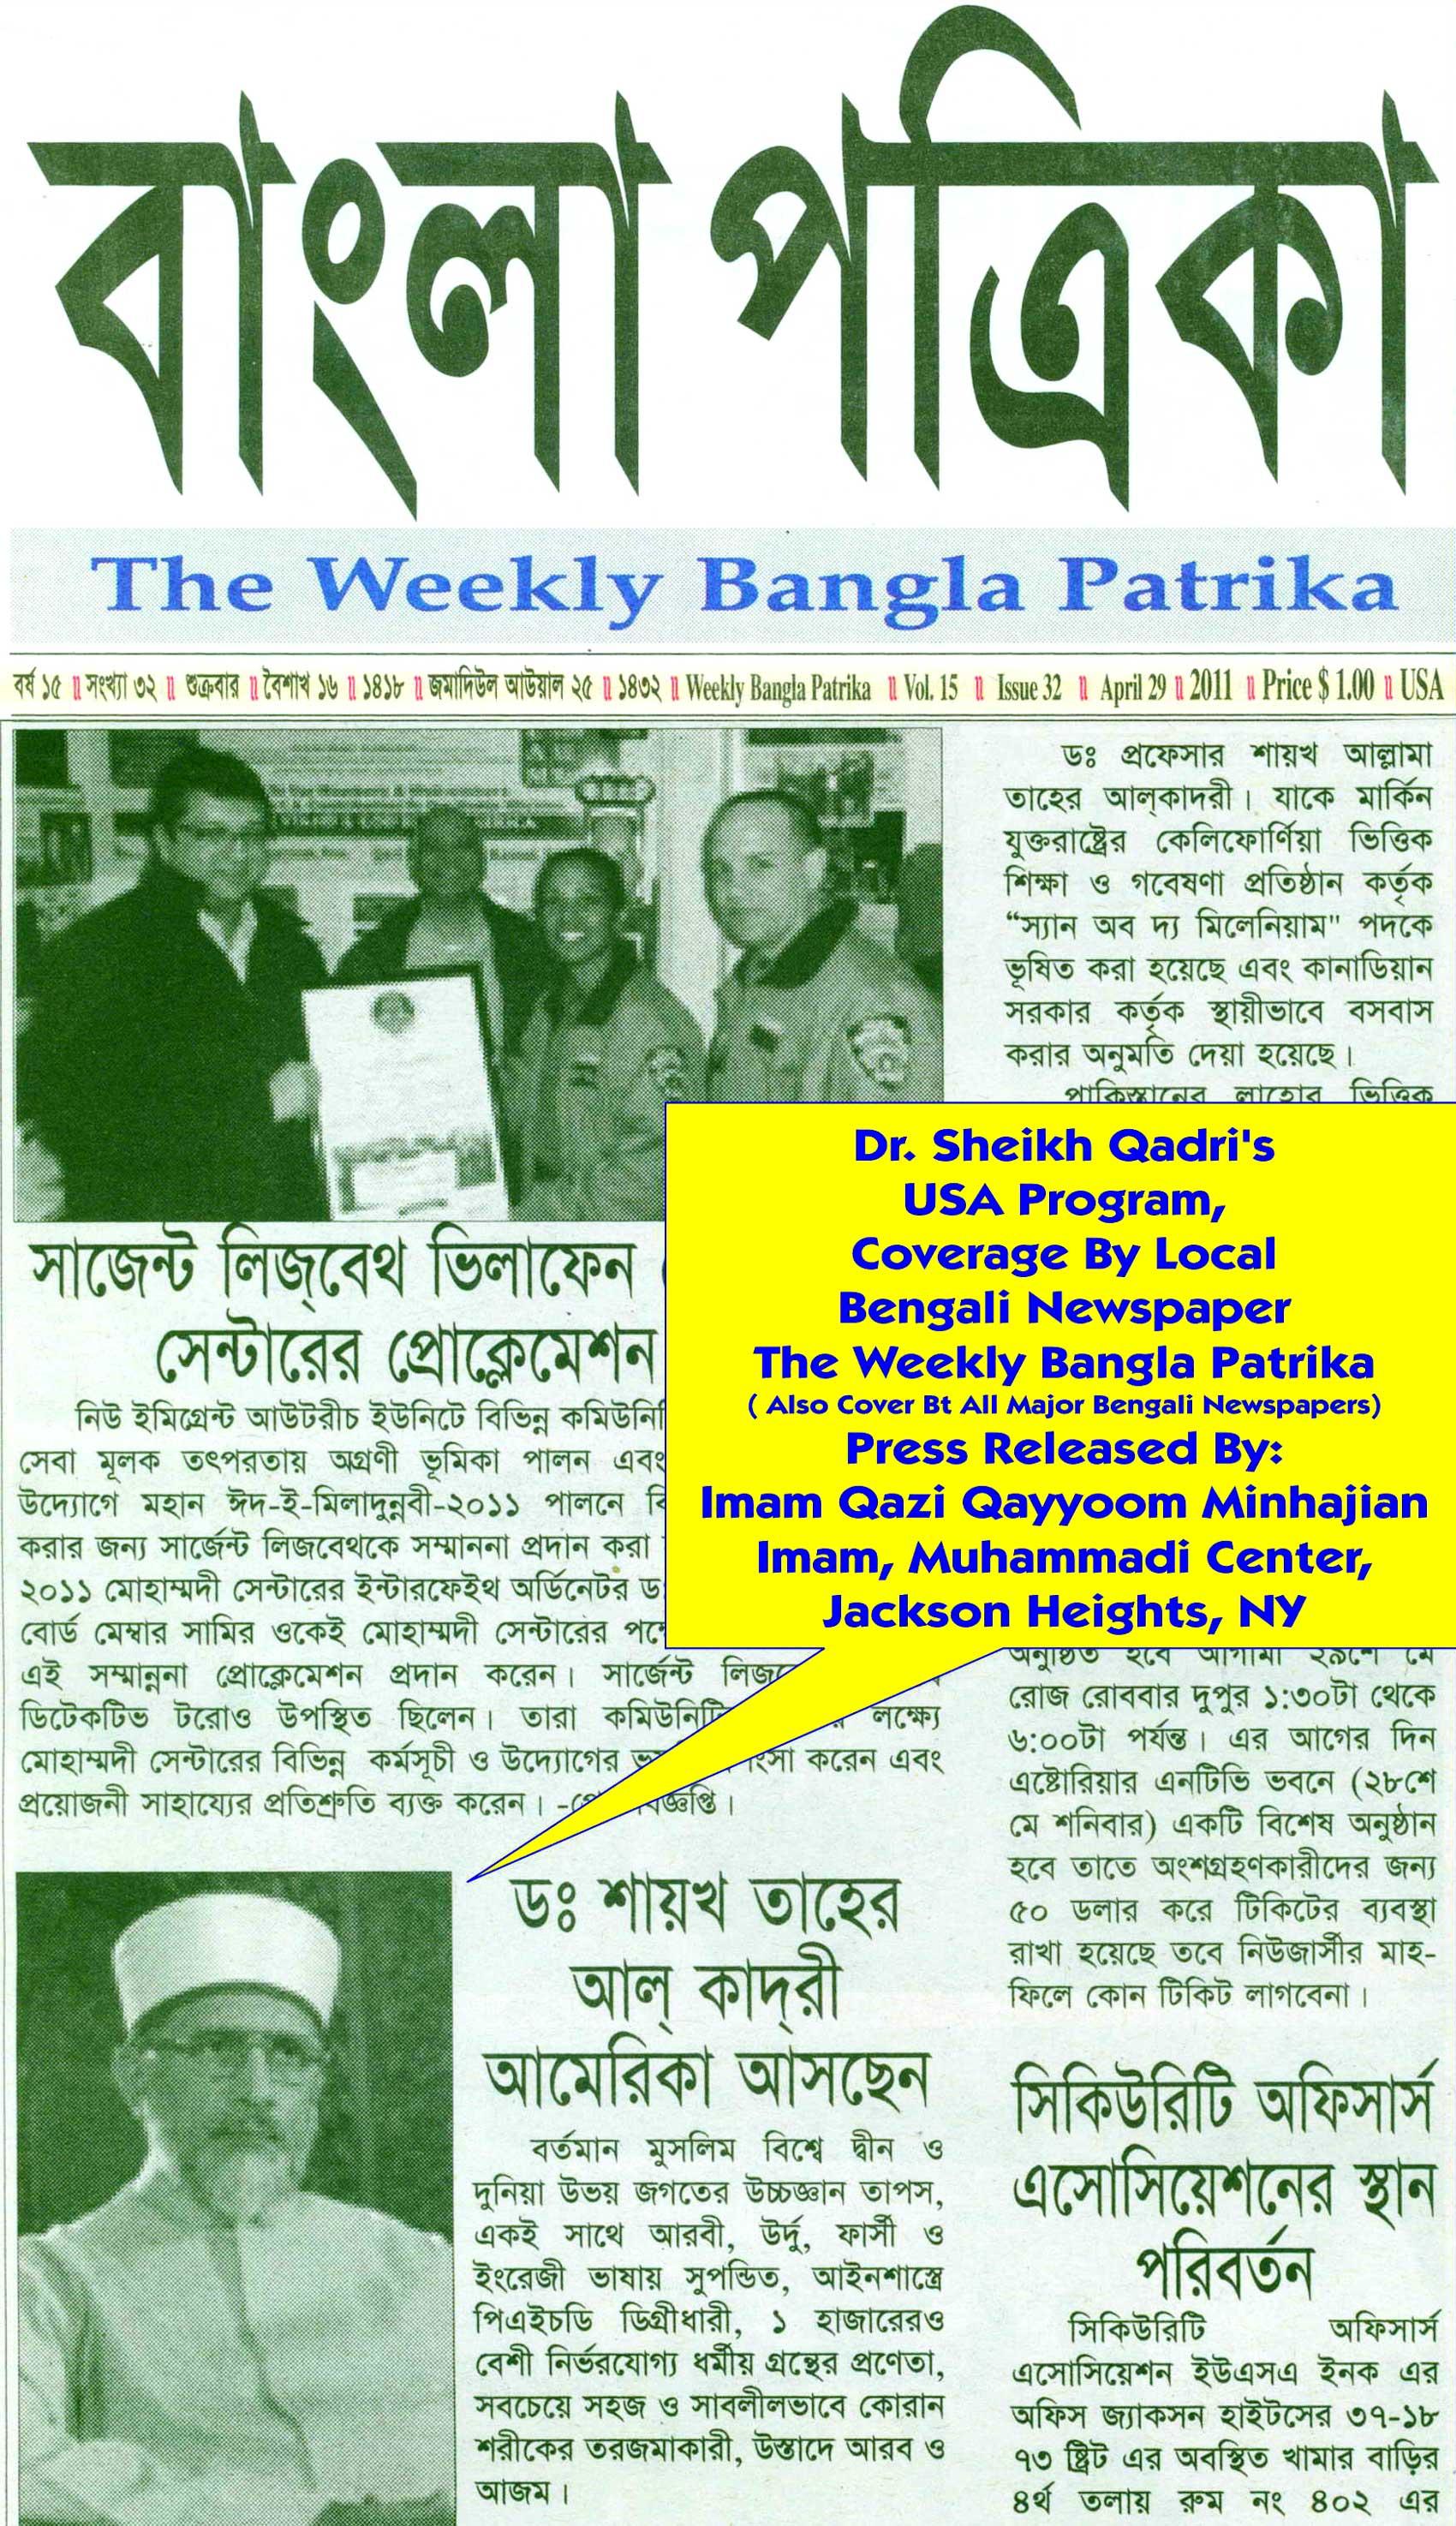 تحریک منہاج القرآن Minhaj-ul-Quran  Print Media Coverage پرنٹ میڈیا کوریج The Weekly Bangla Patrika